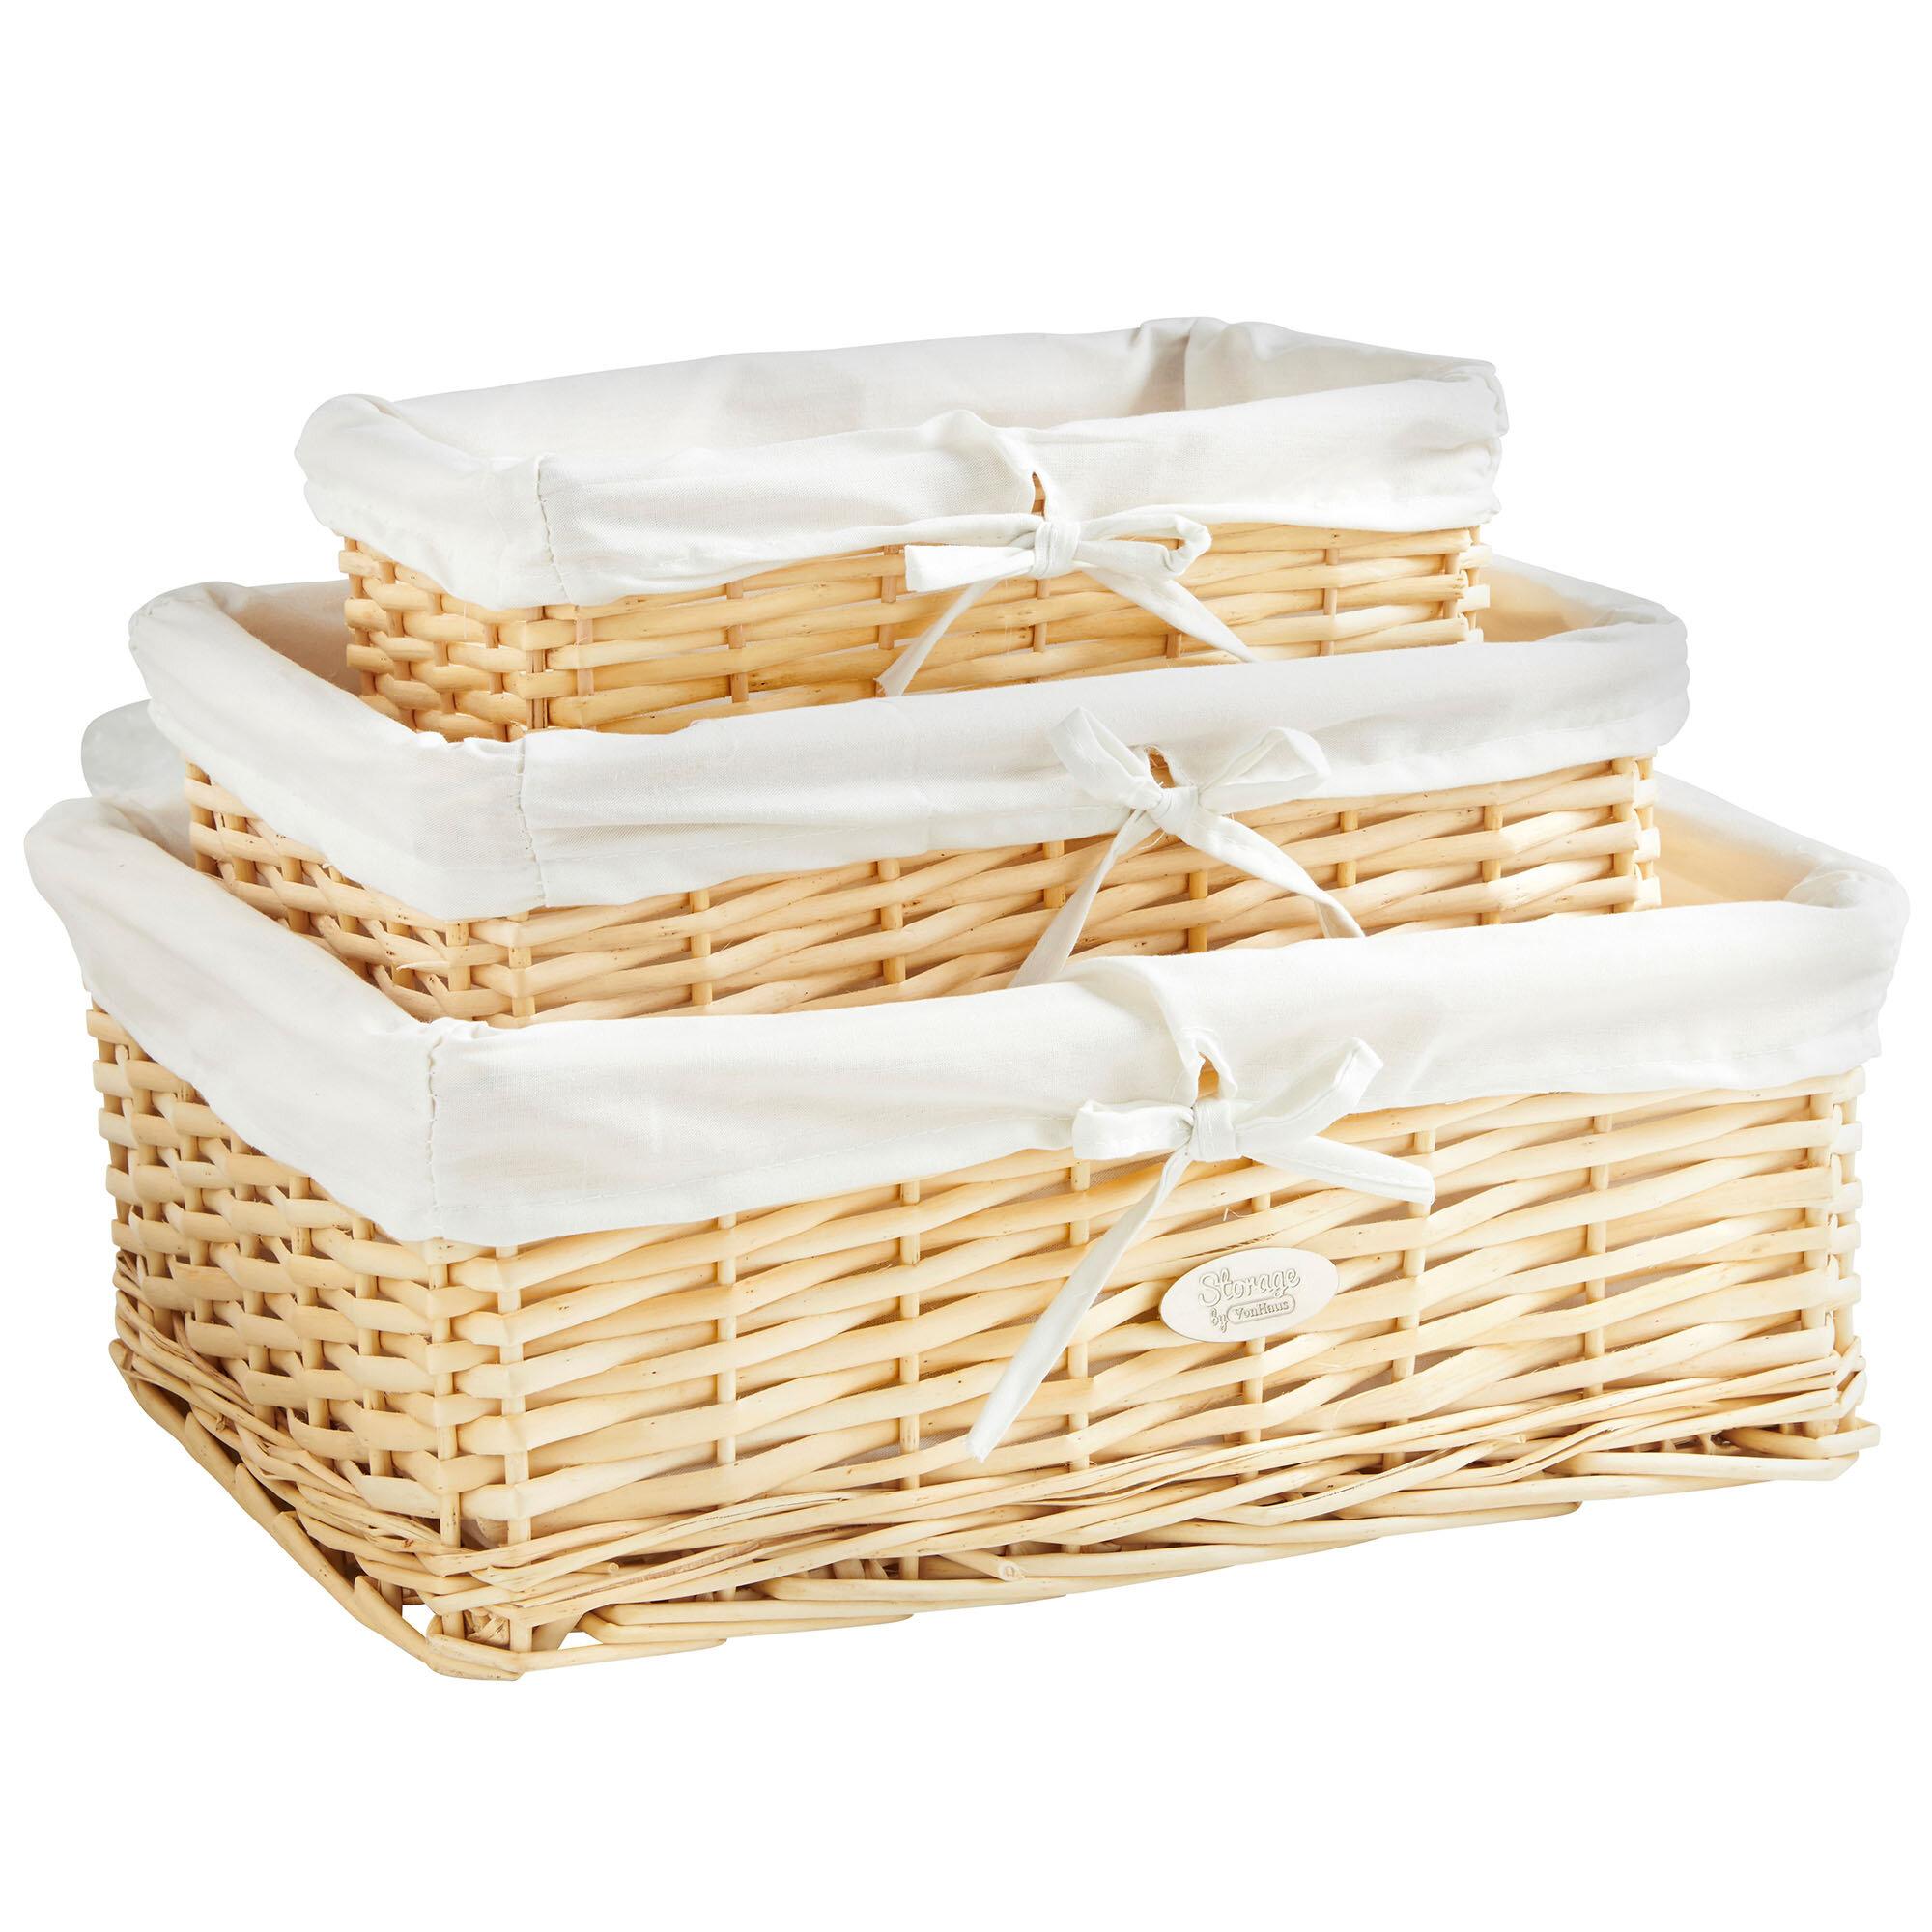 VonHaus 3 Piece Wicker Basket Set & Reviews | Wayfair